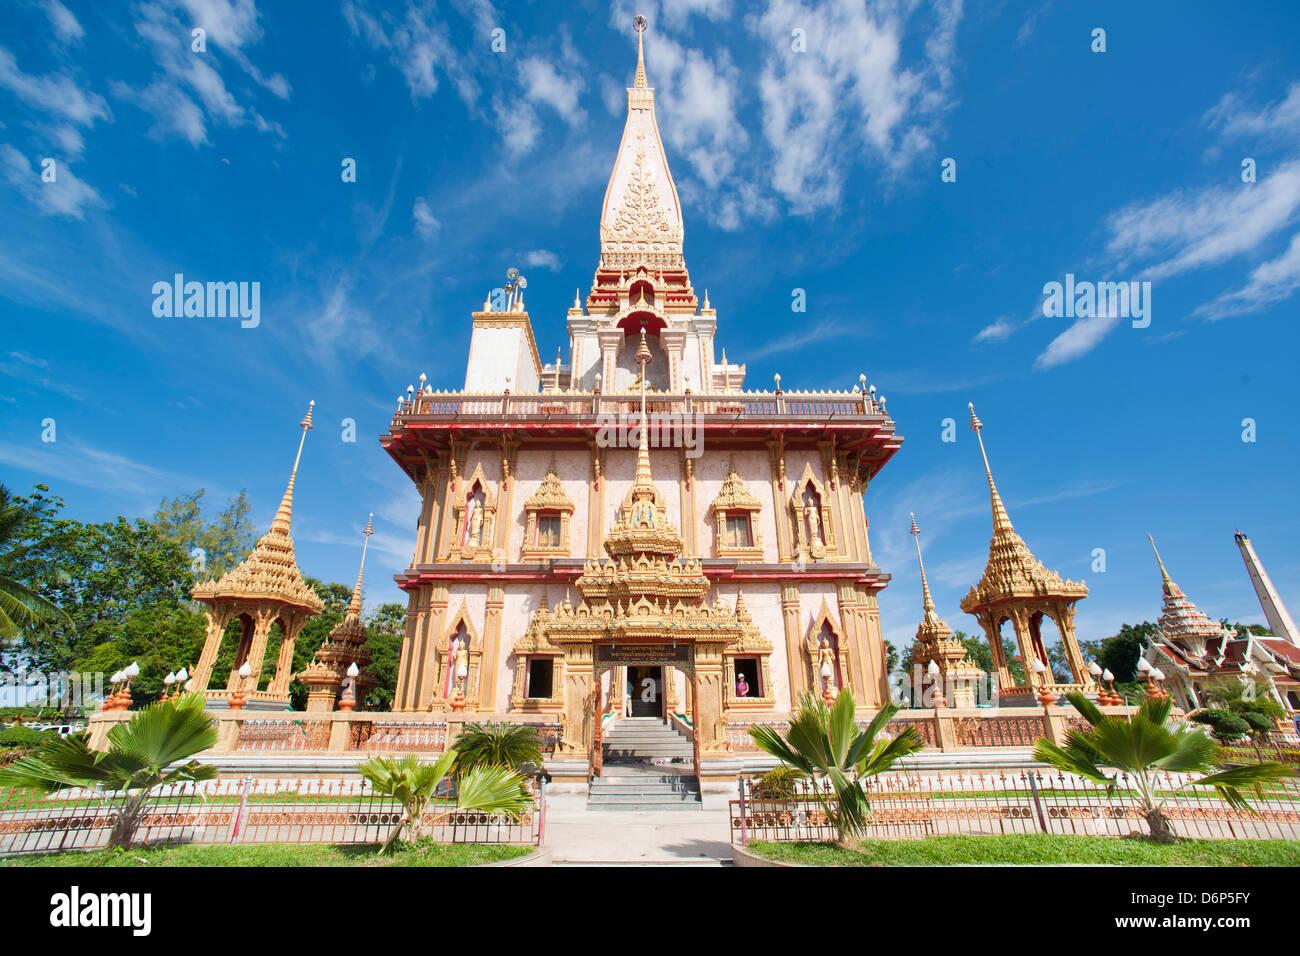 Karon Beach, Tempio buddista, Isola di Phuket, Phuket, Thailandia, Sud-est asiatico, in Asia Foto Stock